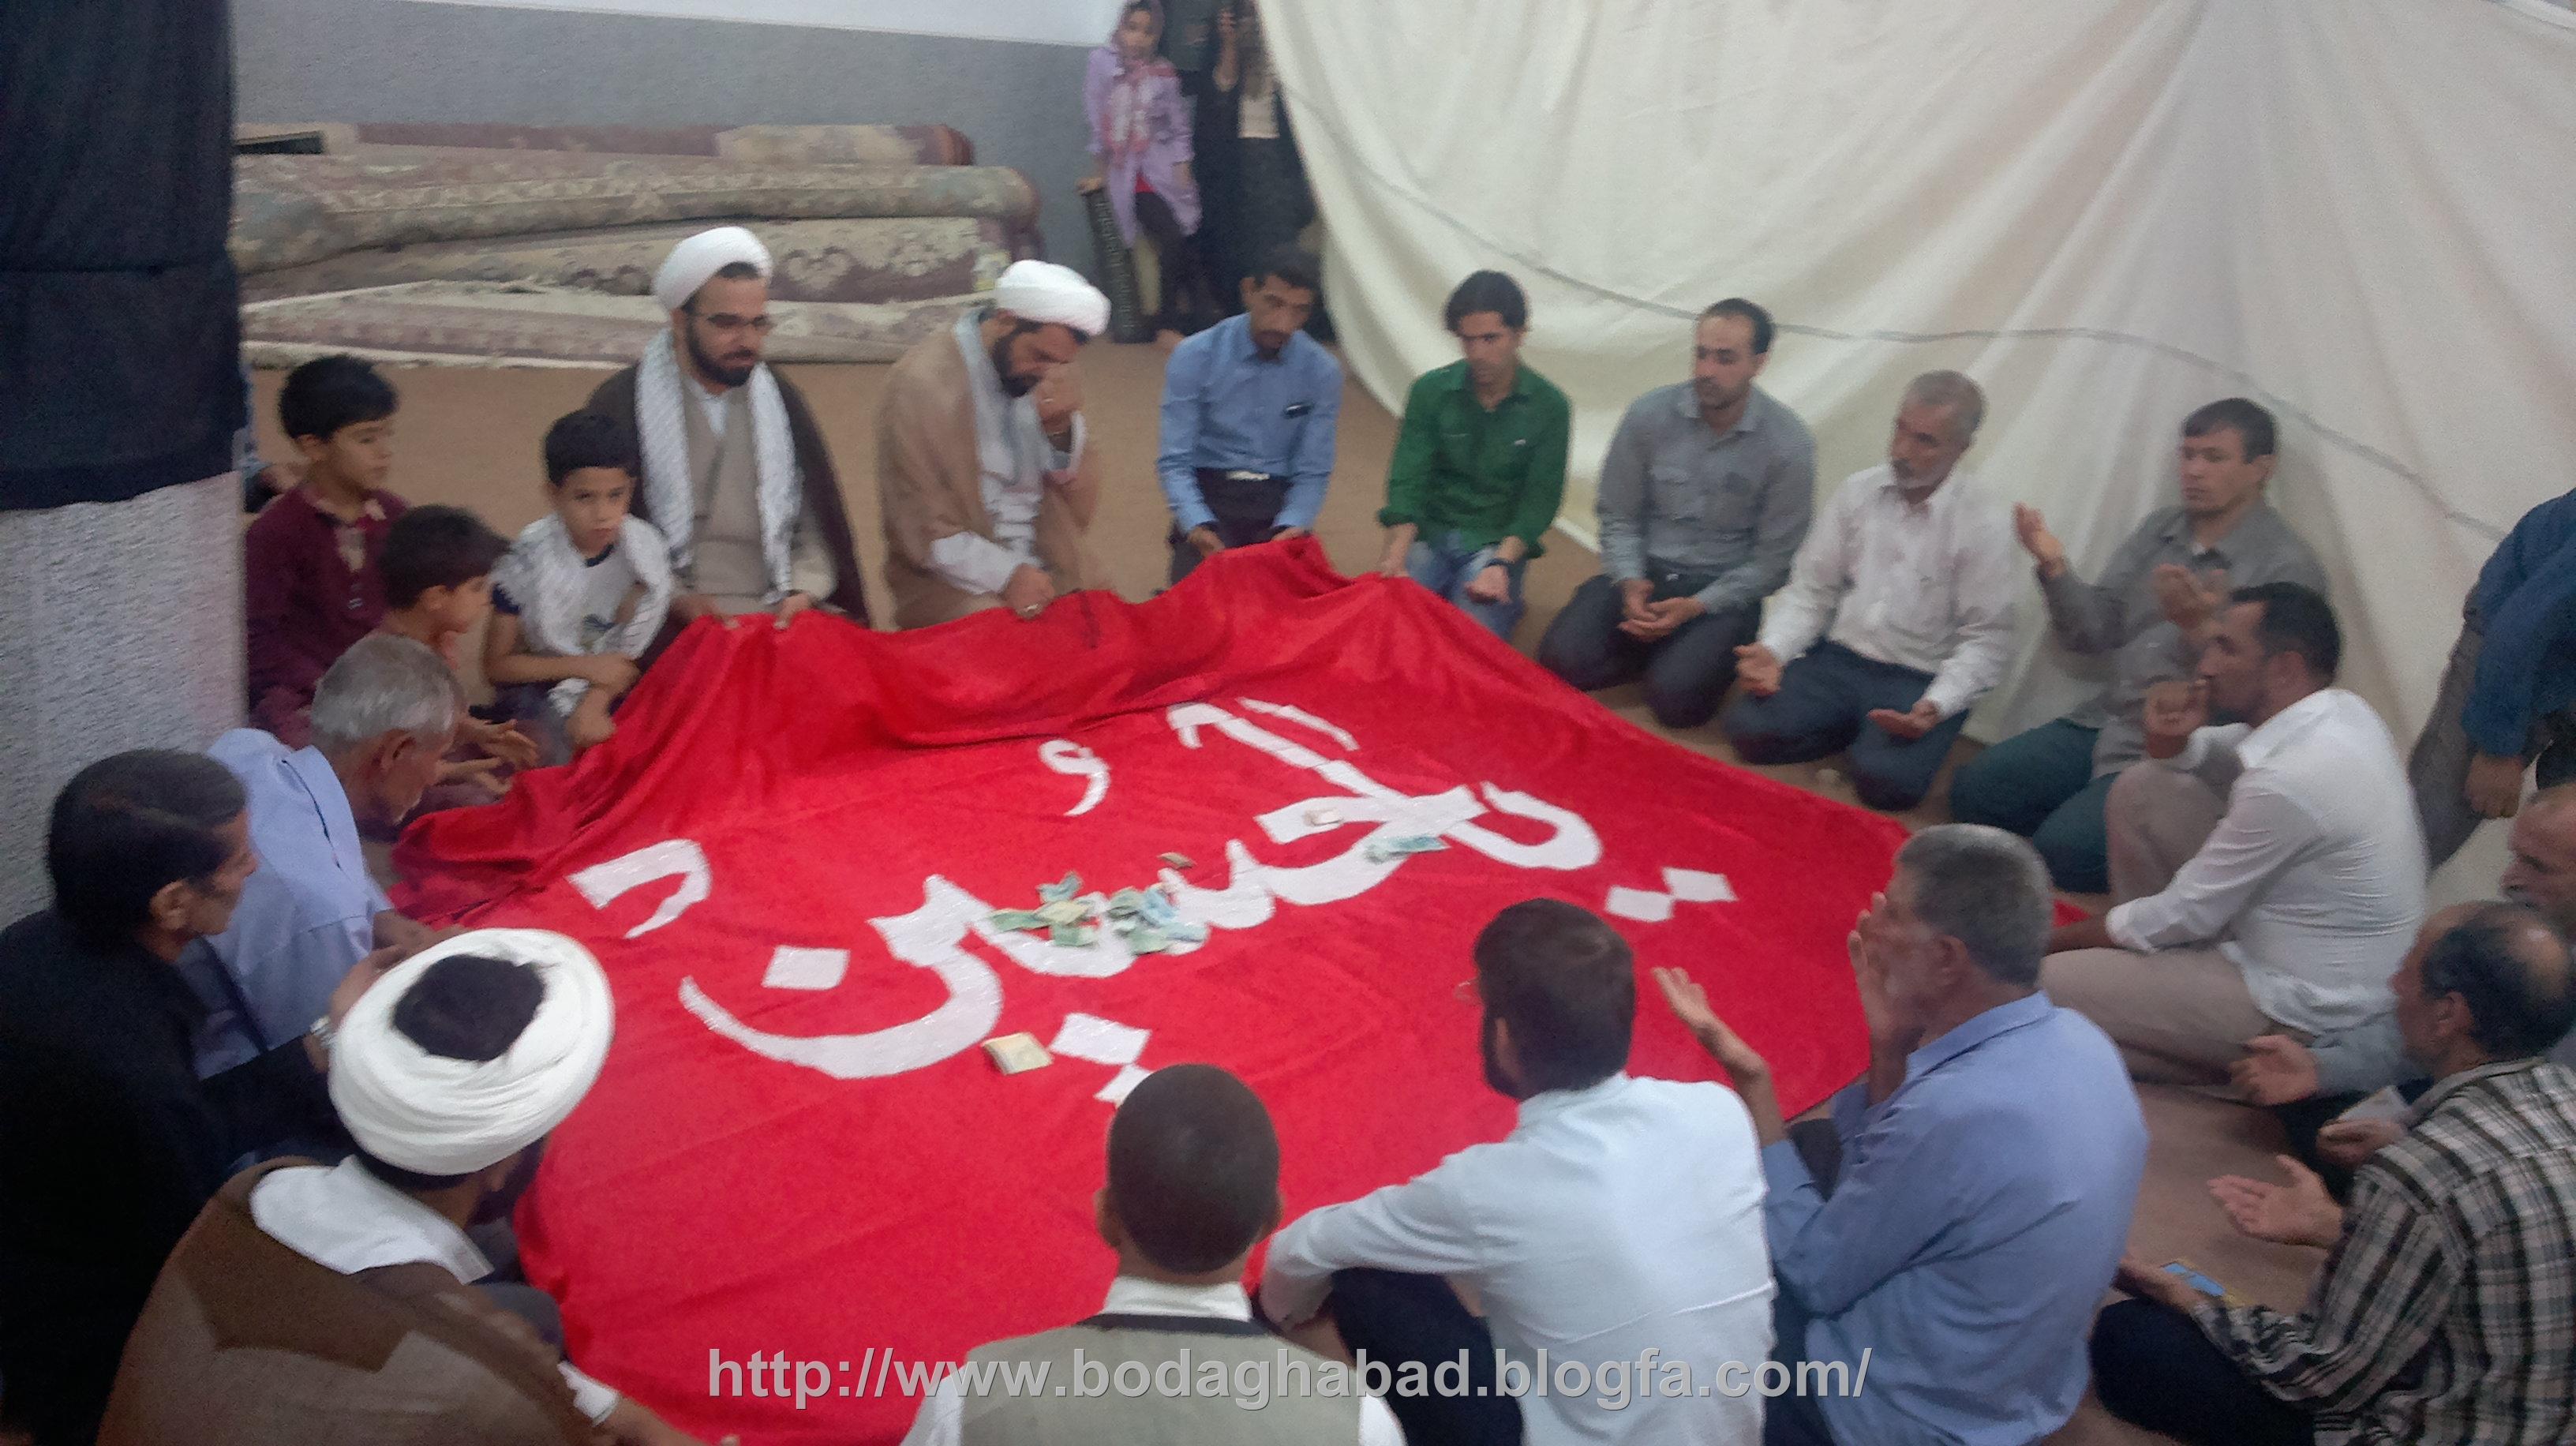 گروه جهادی شباب الزهرا سیدجوادموسوی